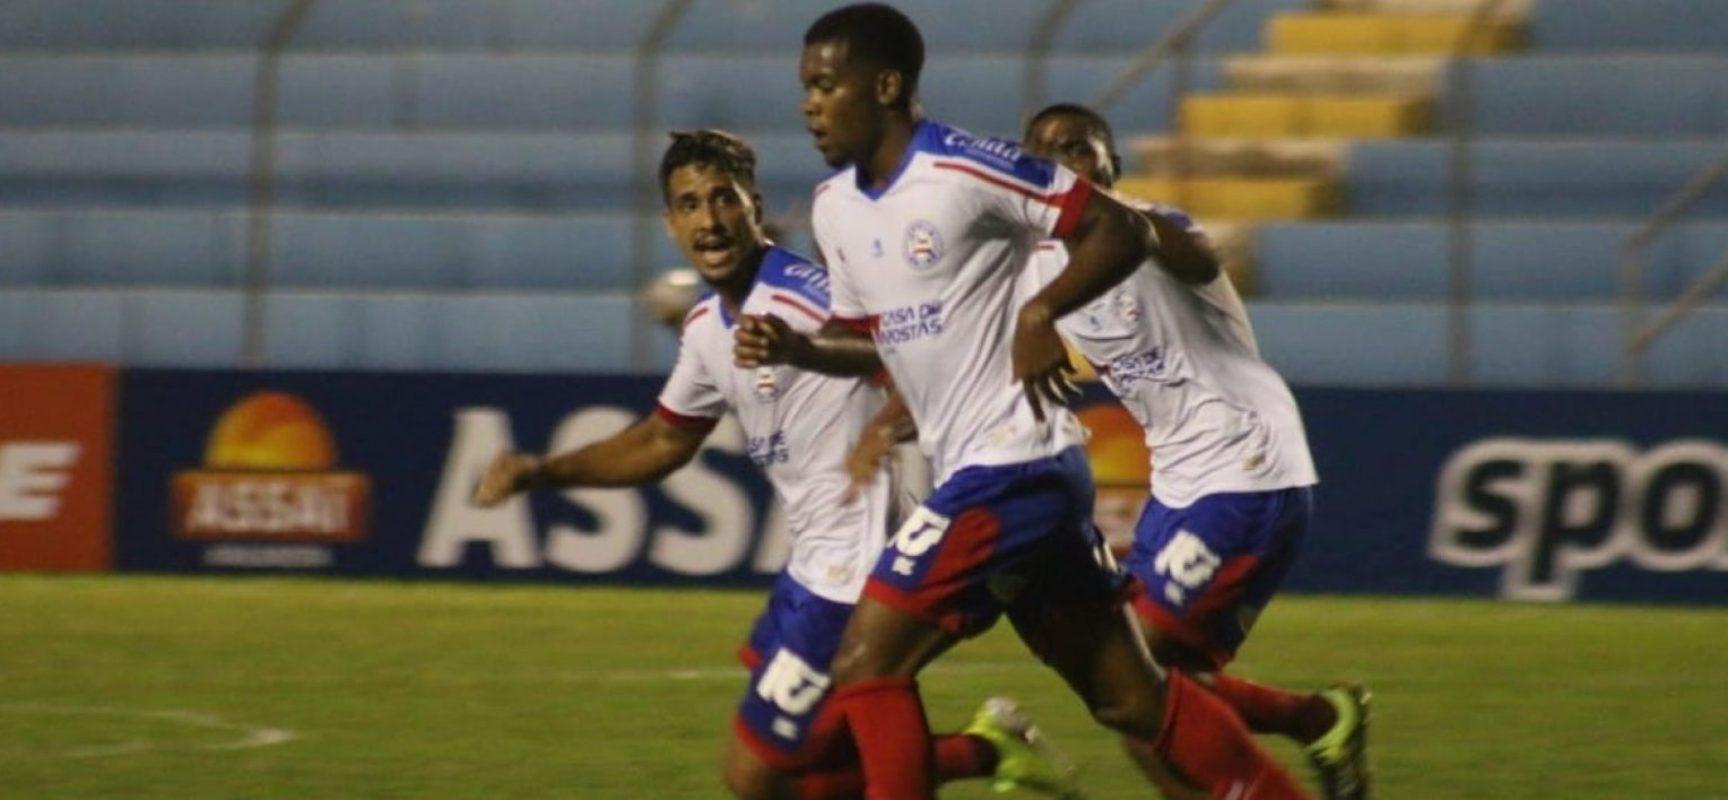 Bahia vence o Salgueiro por 3 a 2 no Nordestão